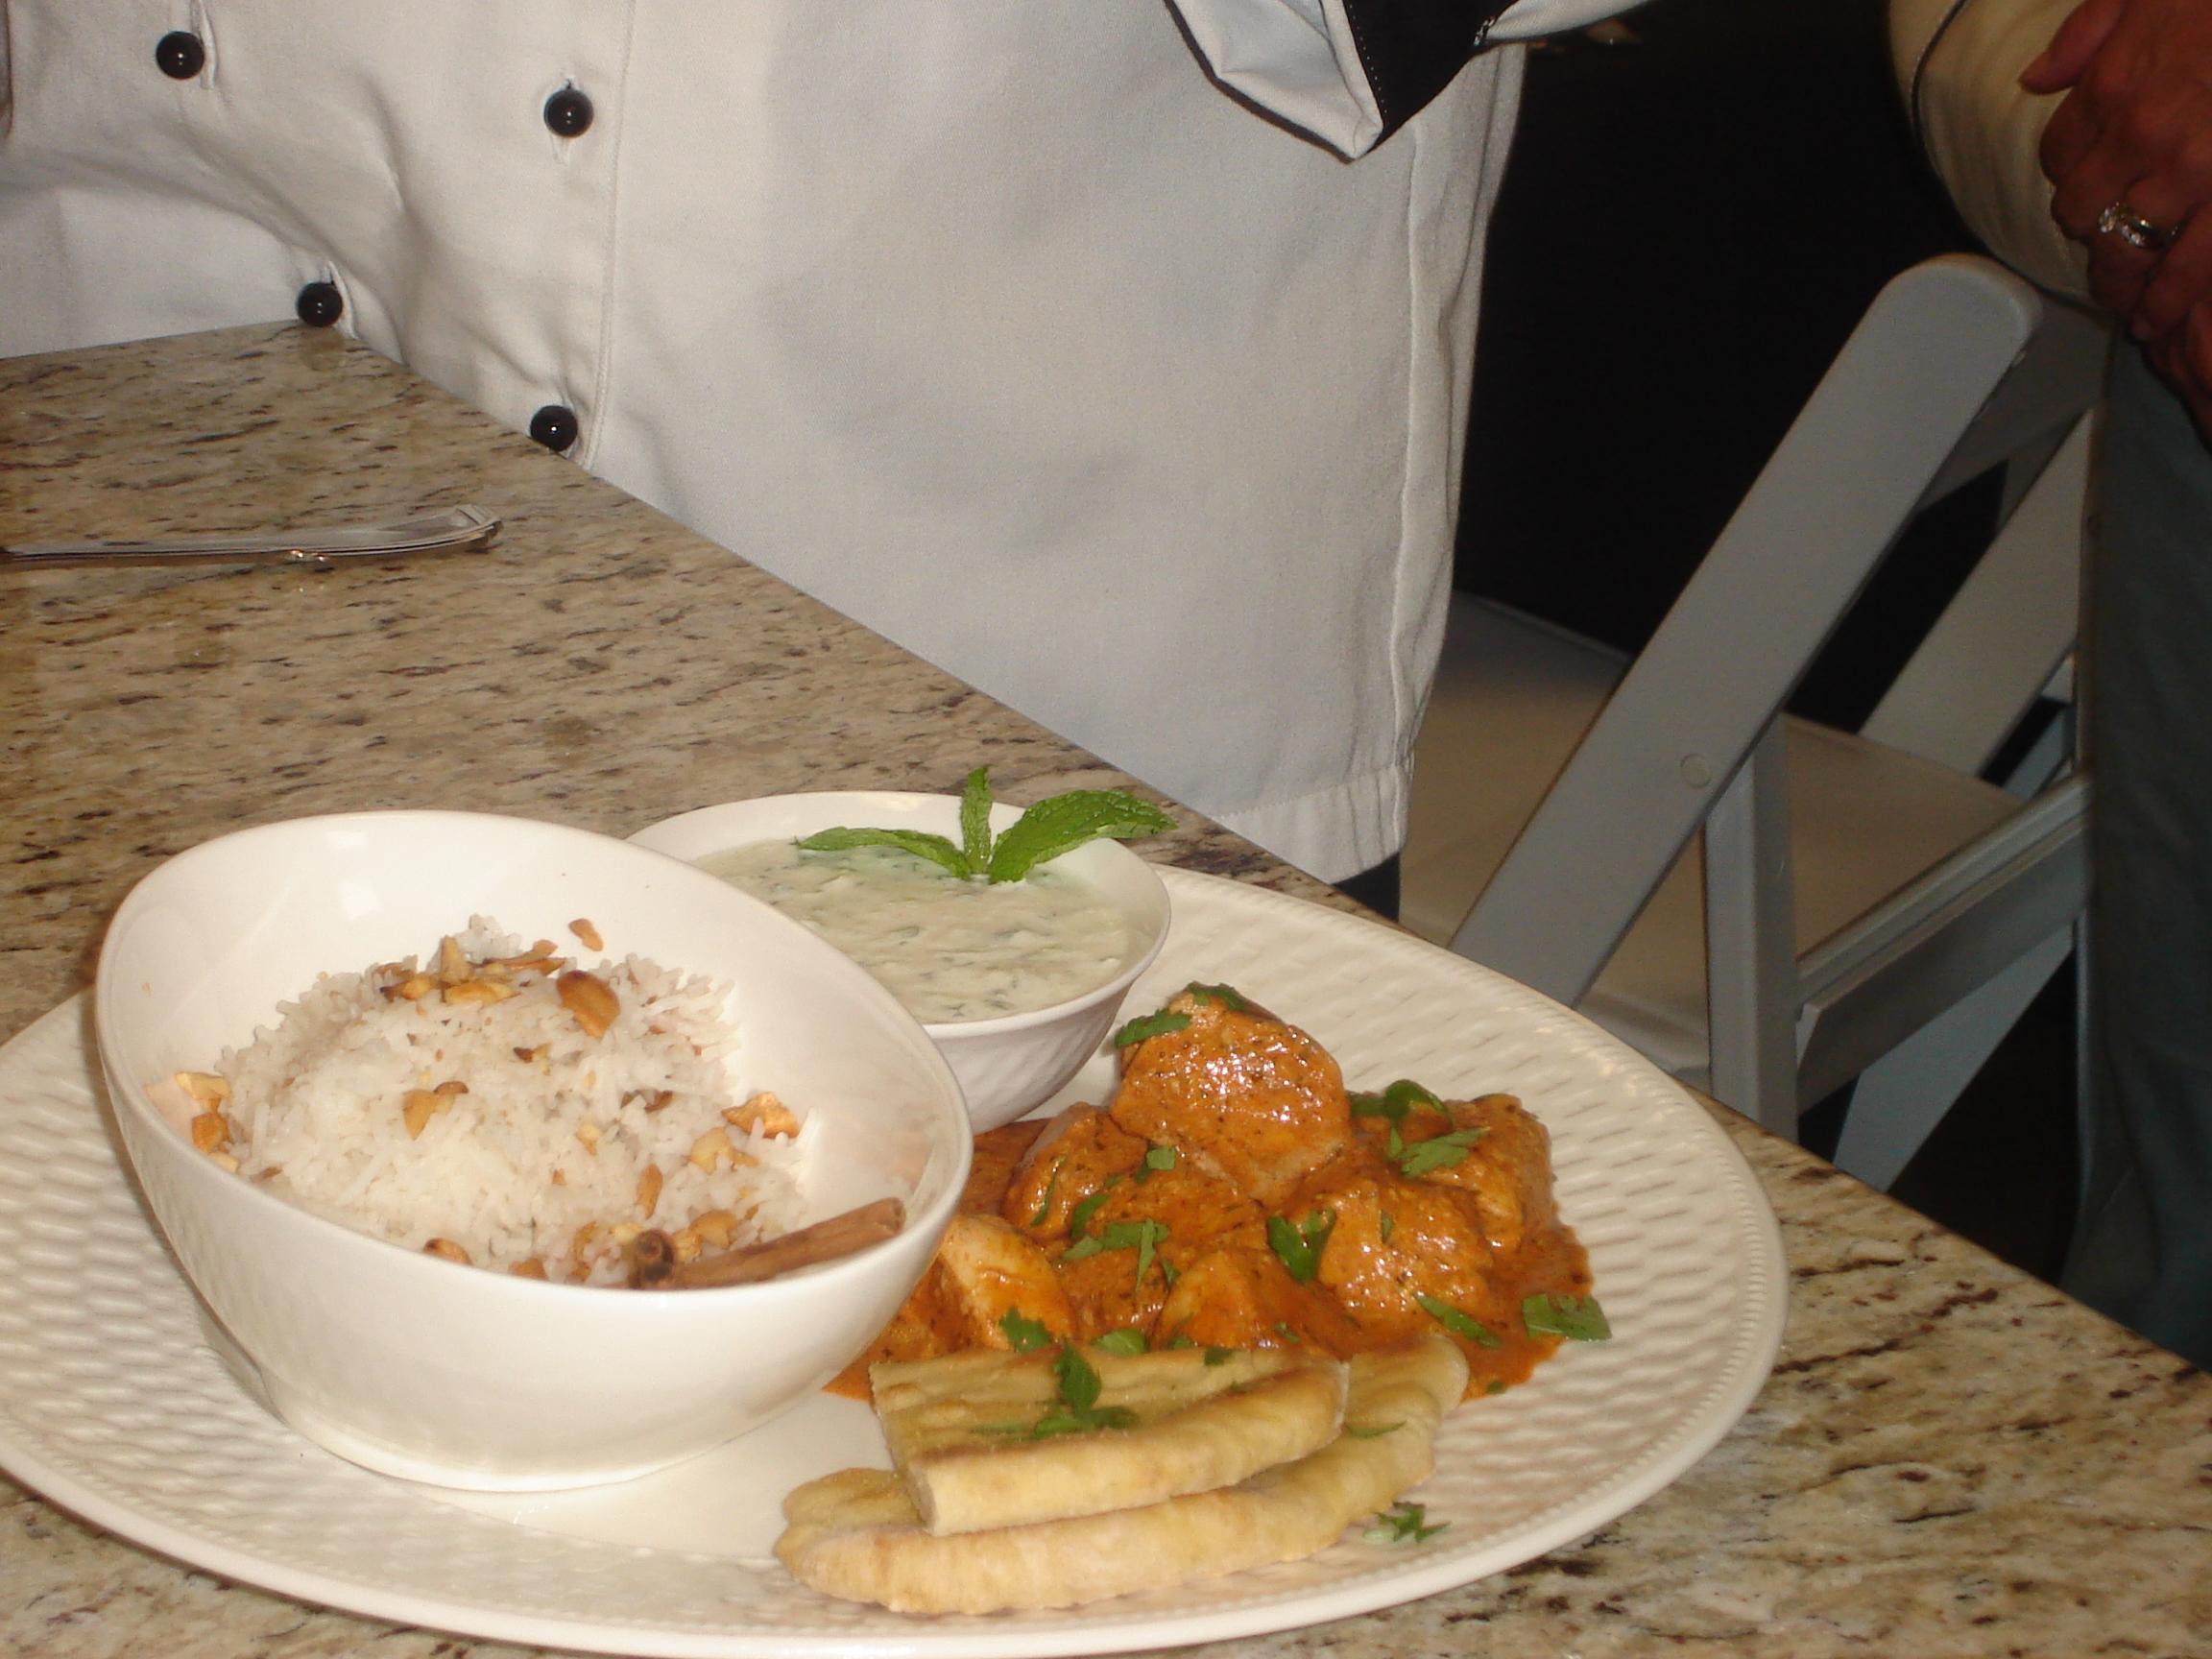 Chef's Challenge Winning Recipe